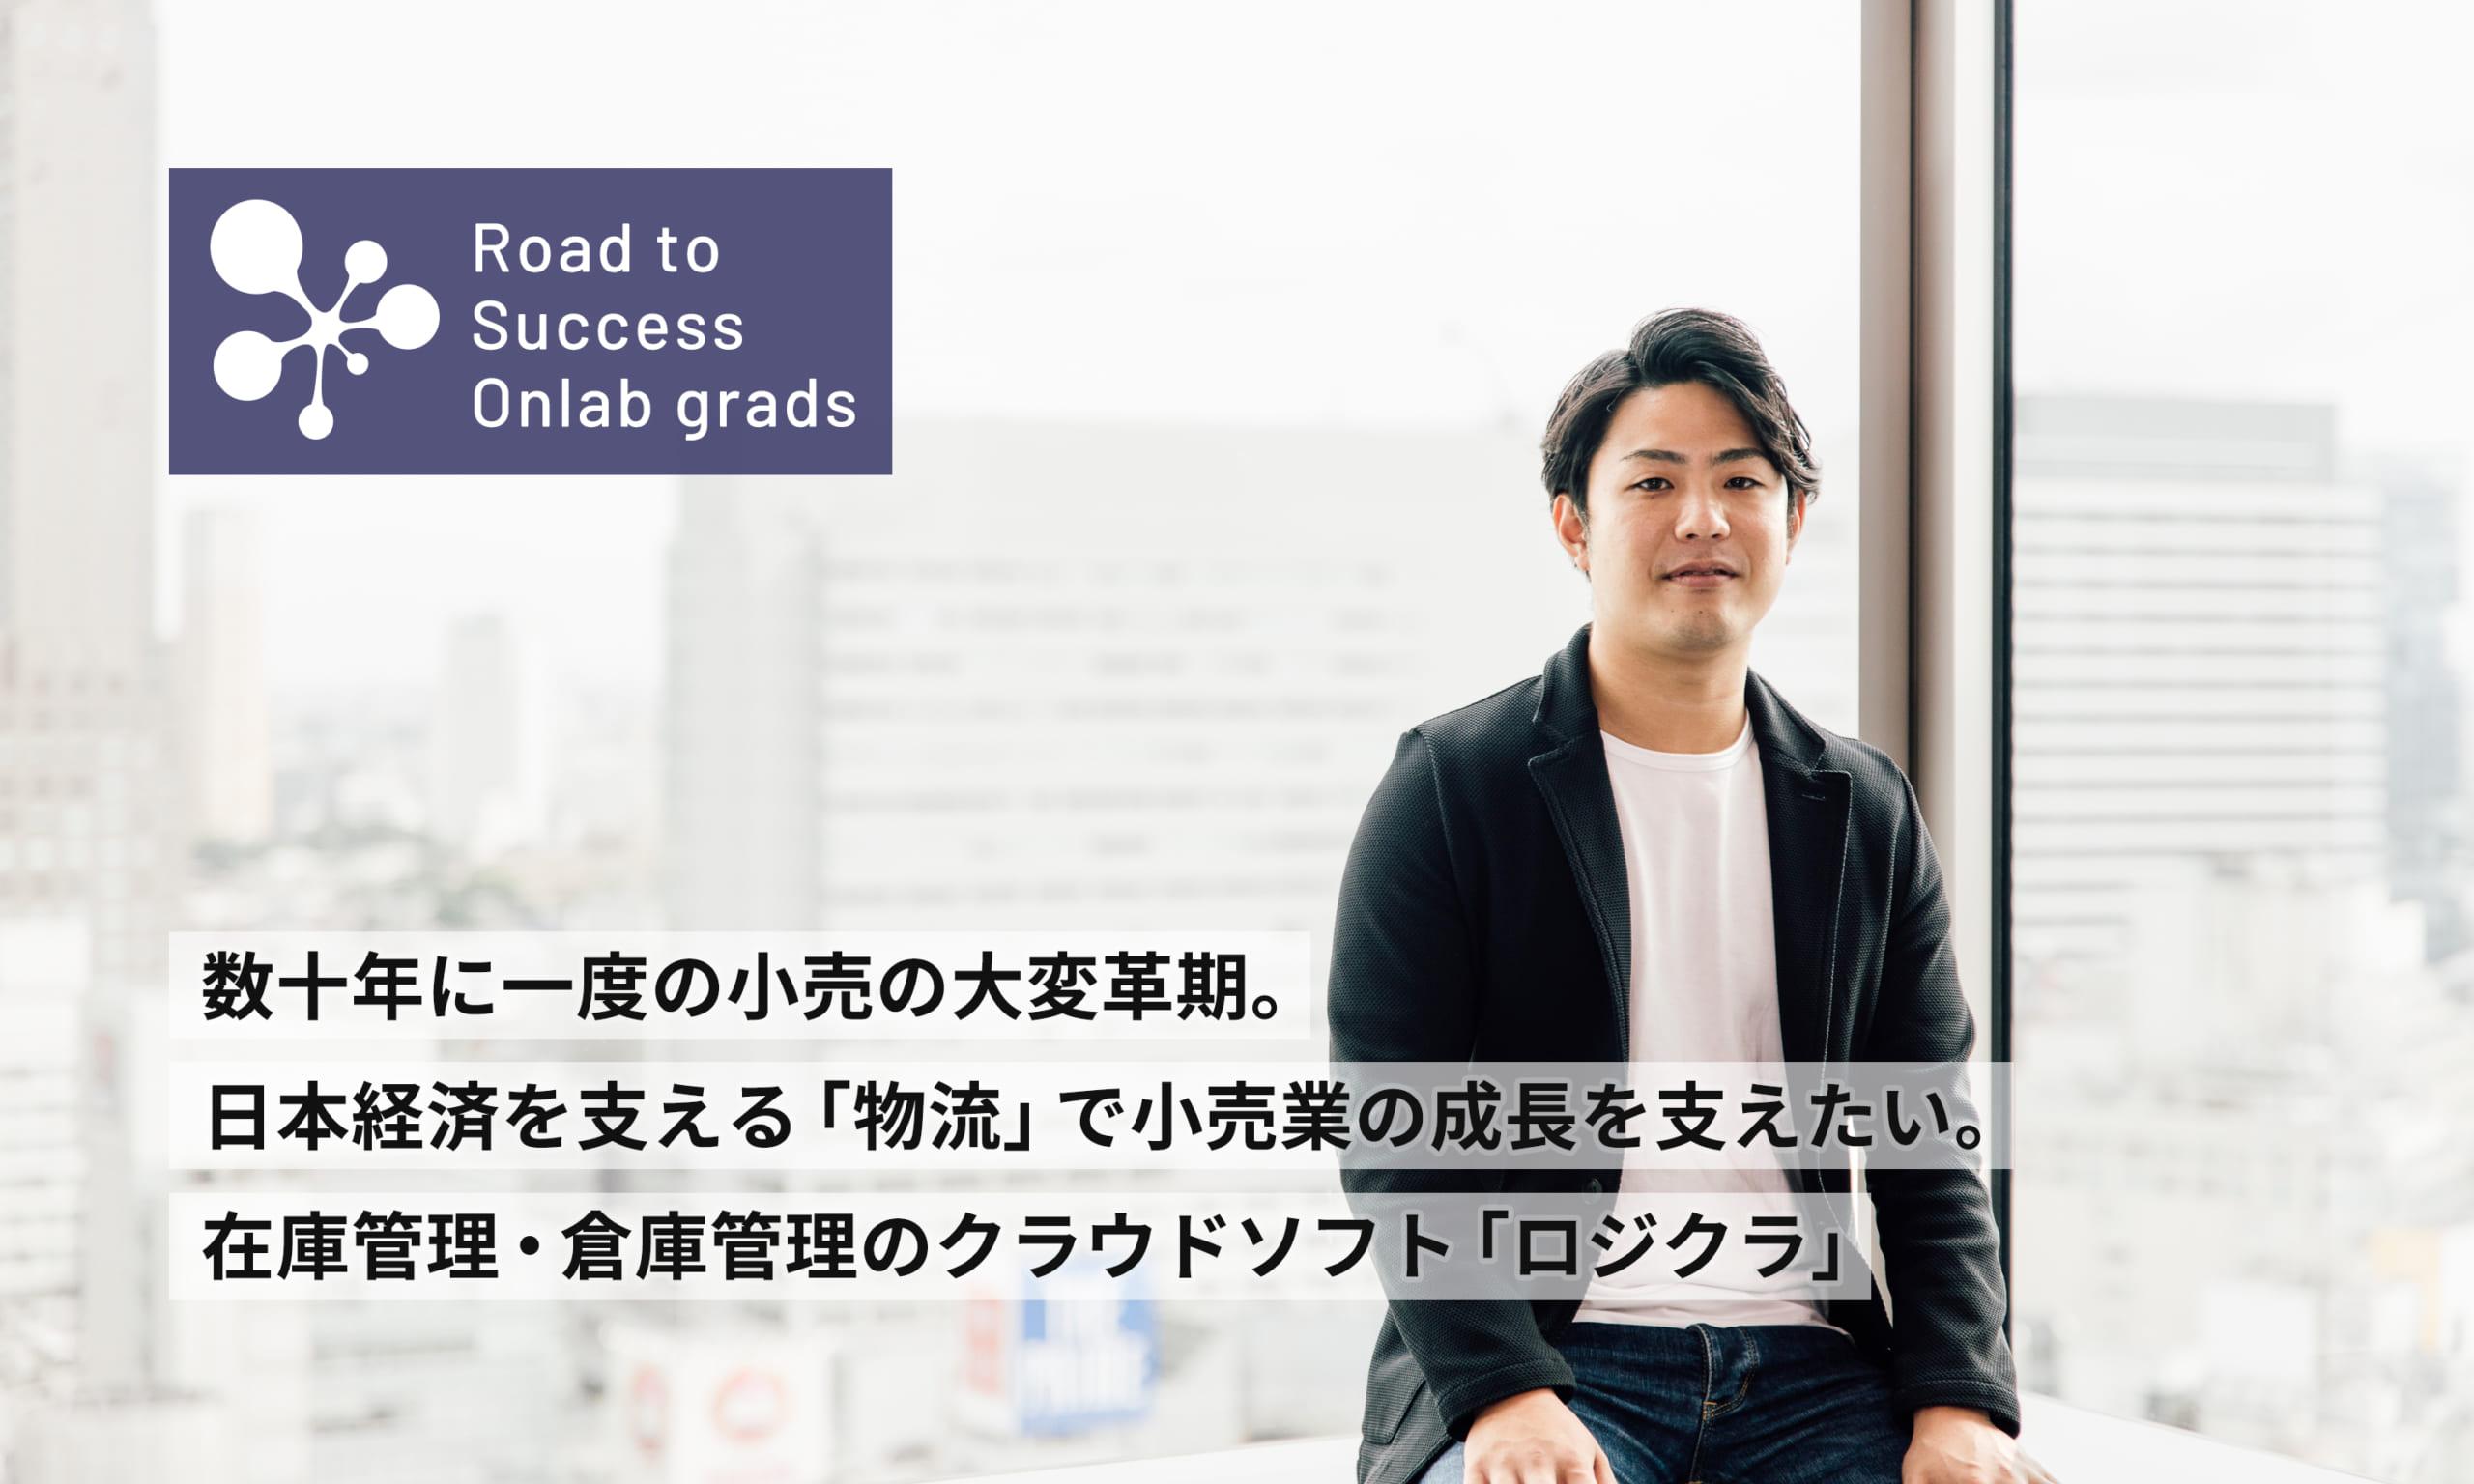 数十年に一度の小売の大変革期。日本経済を支える「物流」で小売業の成長を支えたい。在庫管理・倉庫管理のクラウドソフト「ロジクラ」|Road to Success Onlab grads vol.12